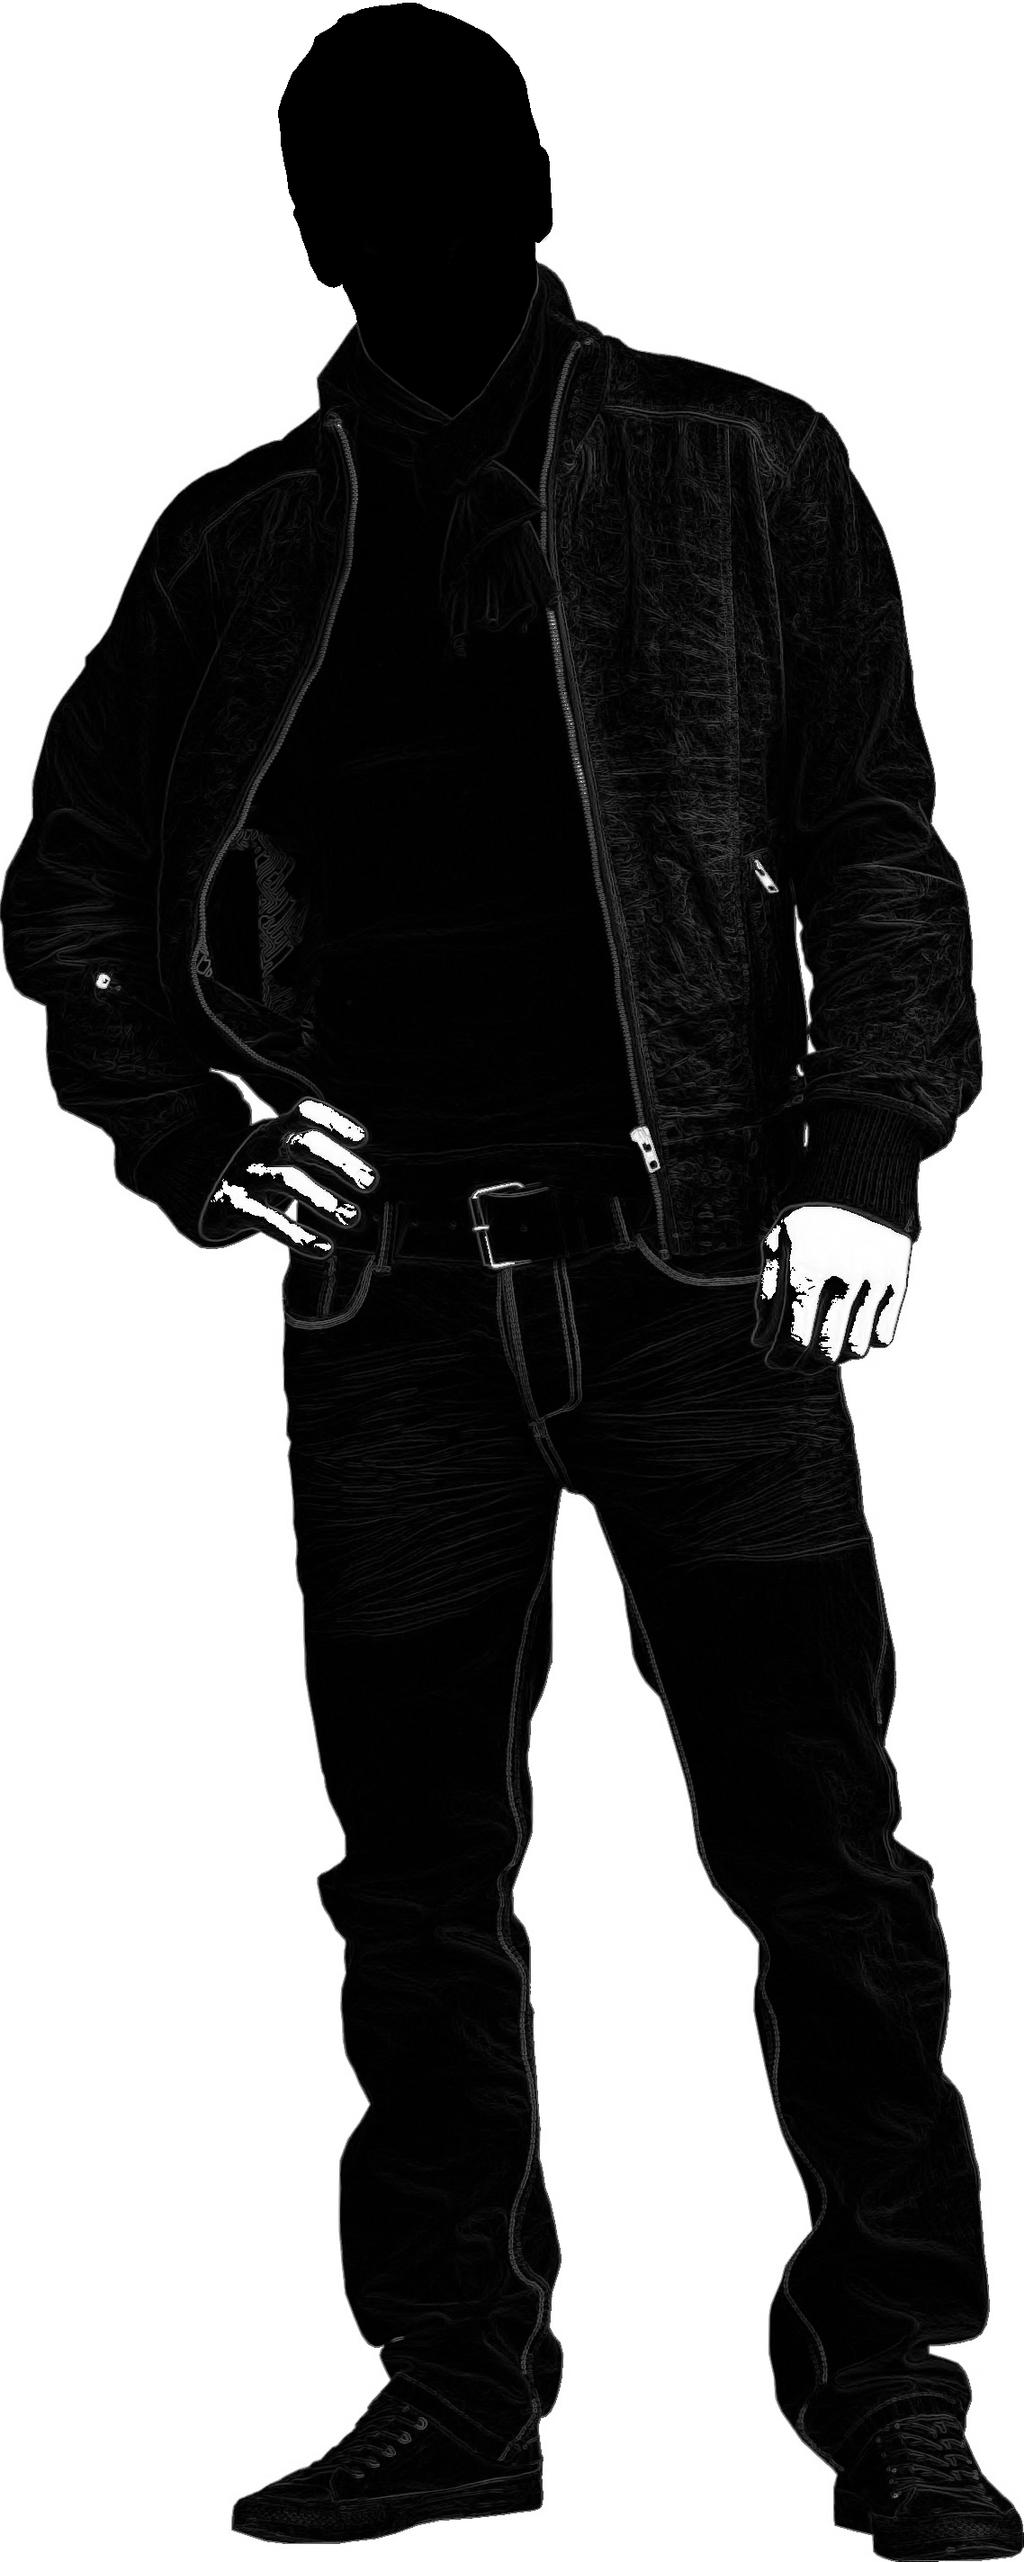 Male silhouette by seremela05 on DeviantArt